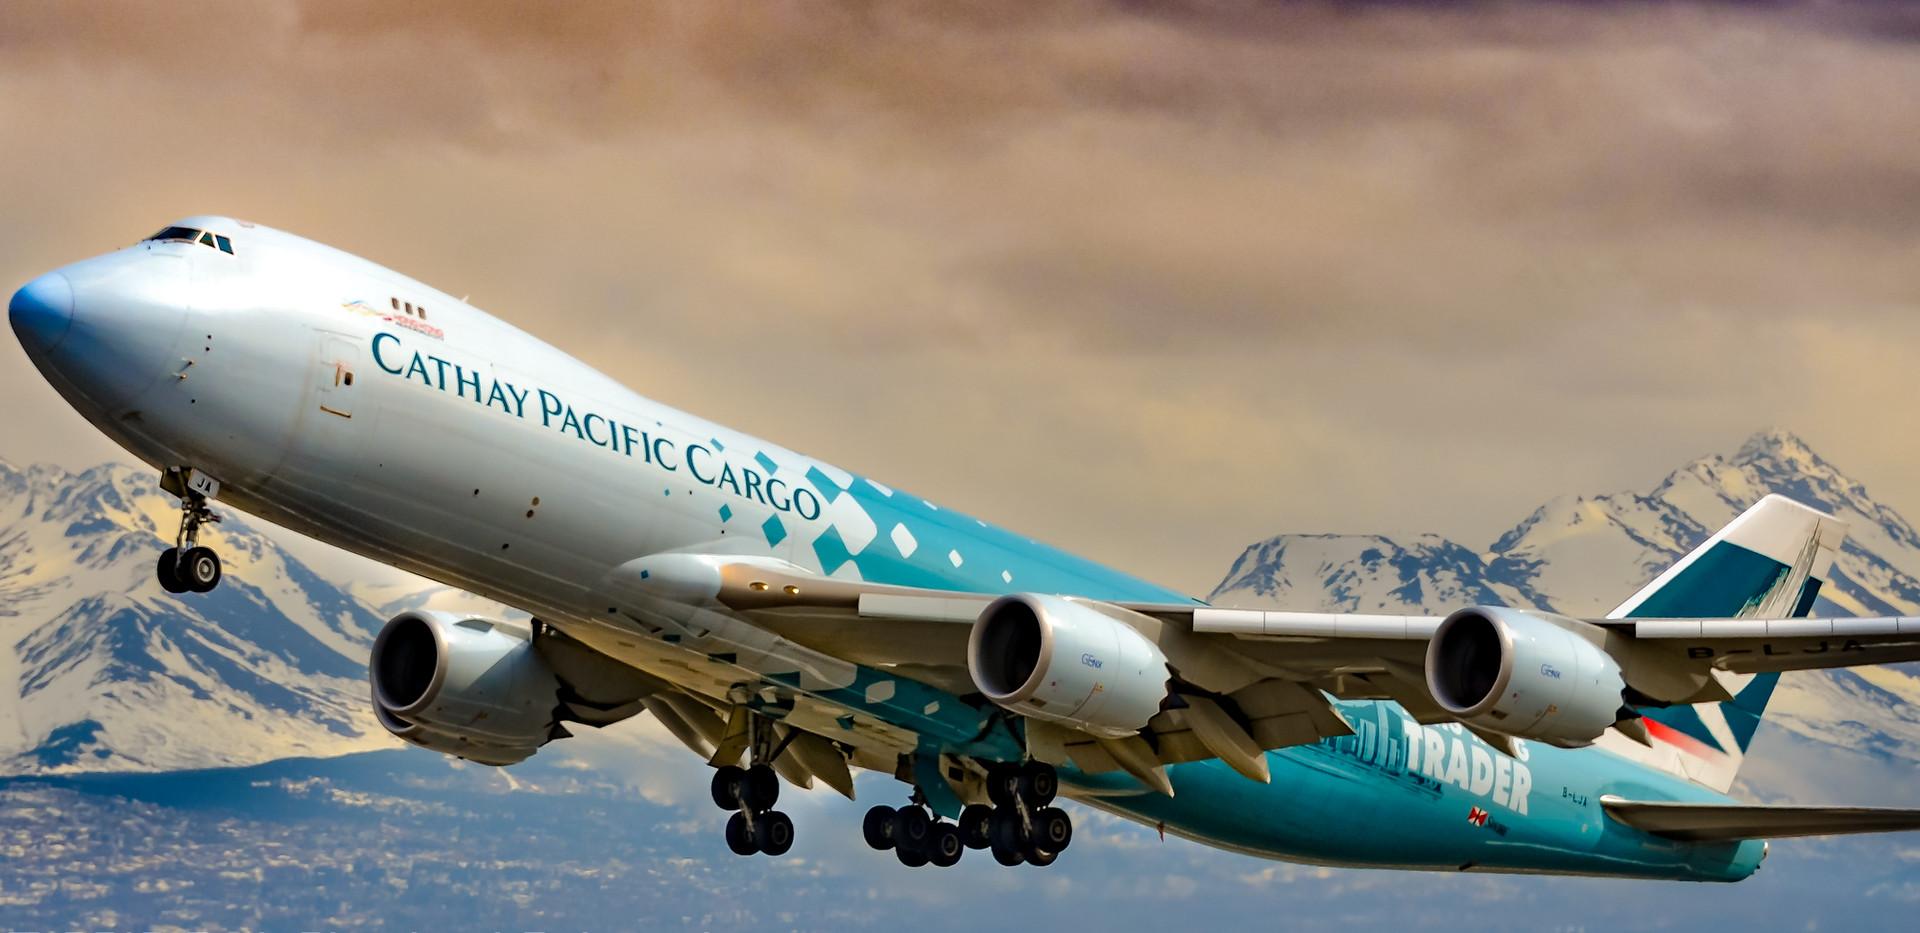 Cathay Pacific Cargo's Hong Kong Trader 2